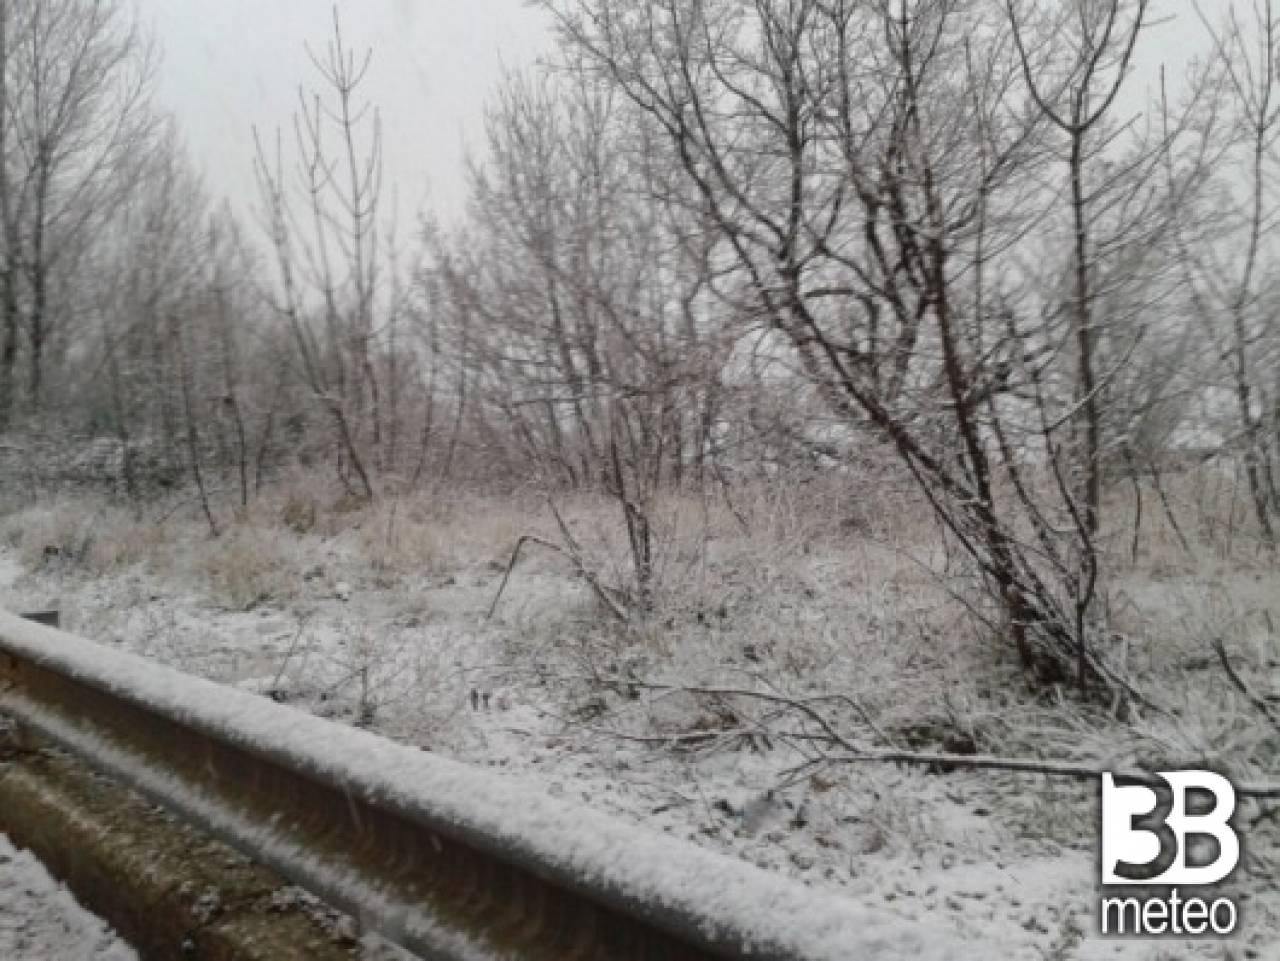 Meteo gorizia domenica neve poi piogge 3b meteo - Previsioni bagno di romagna ...